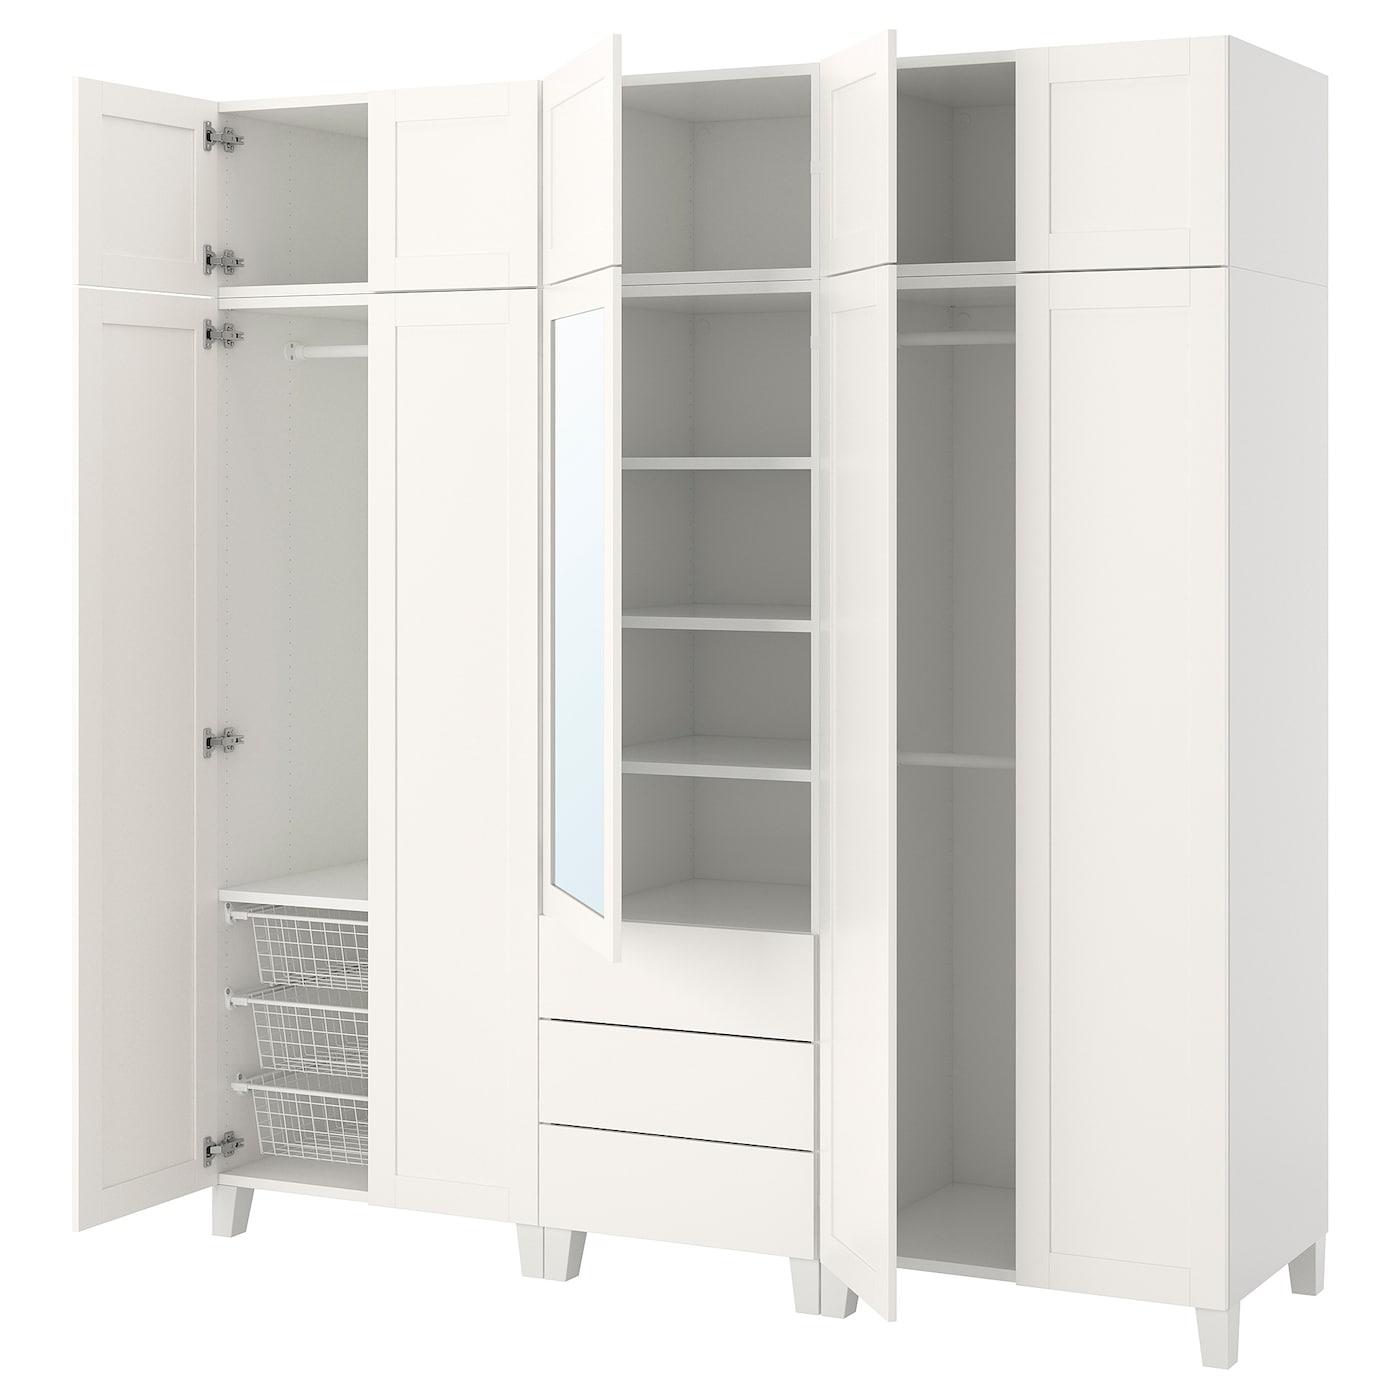 Platsa Wardrobe White Sannidal Ridabu Ikea Switzerland